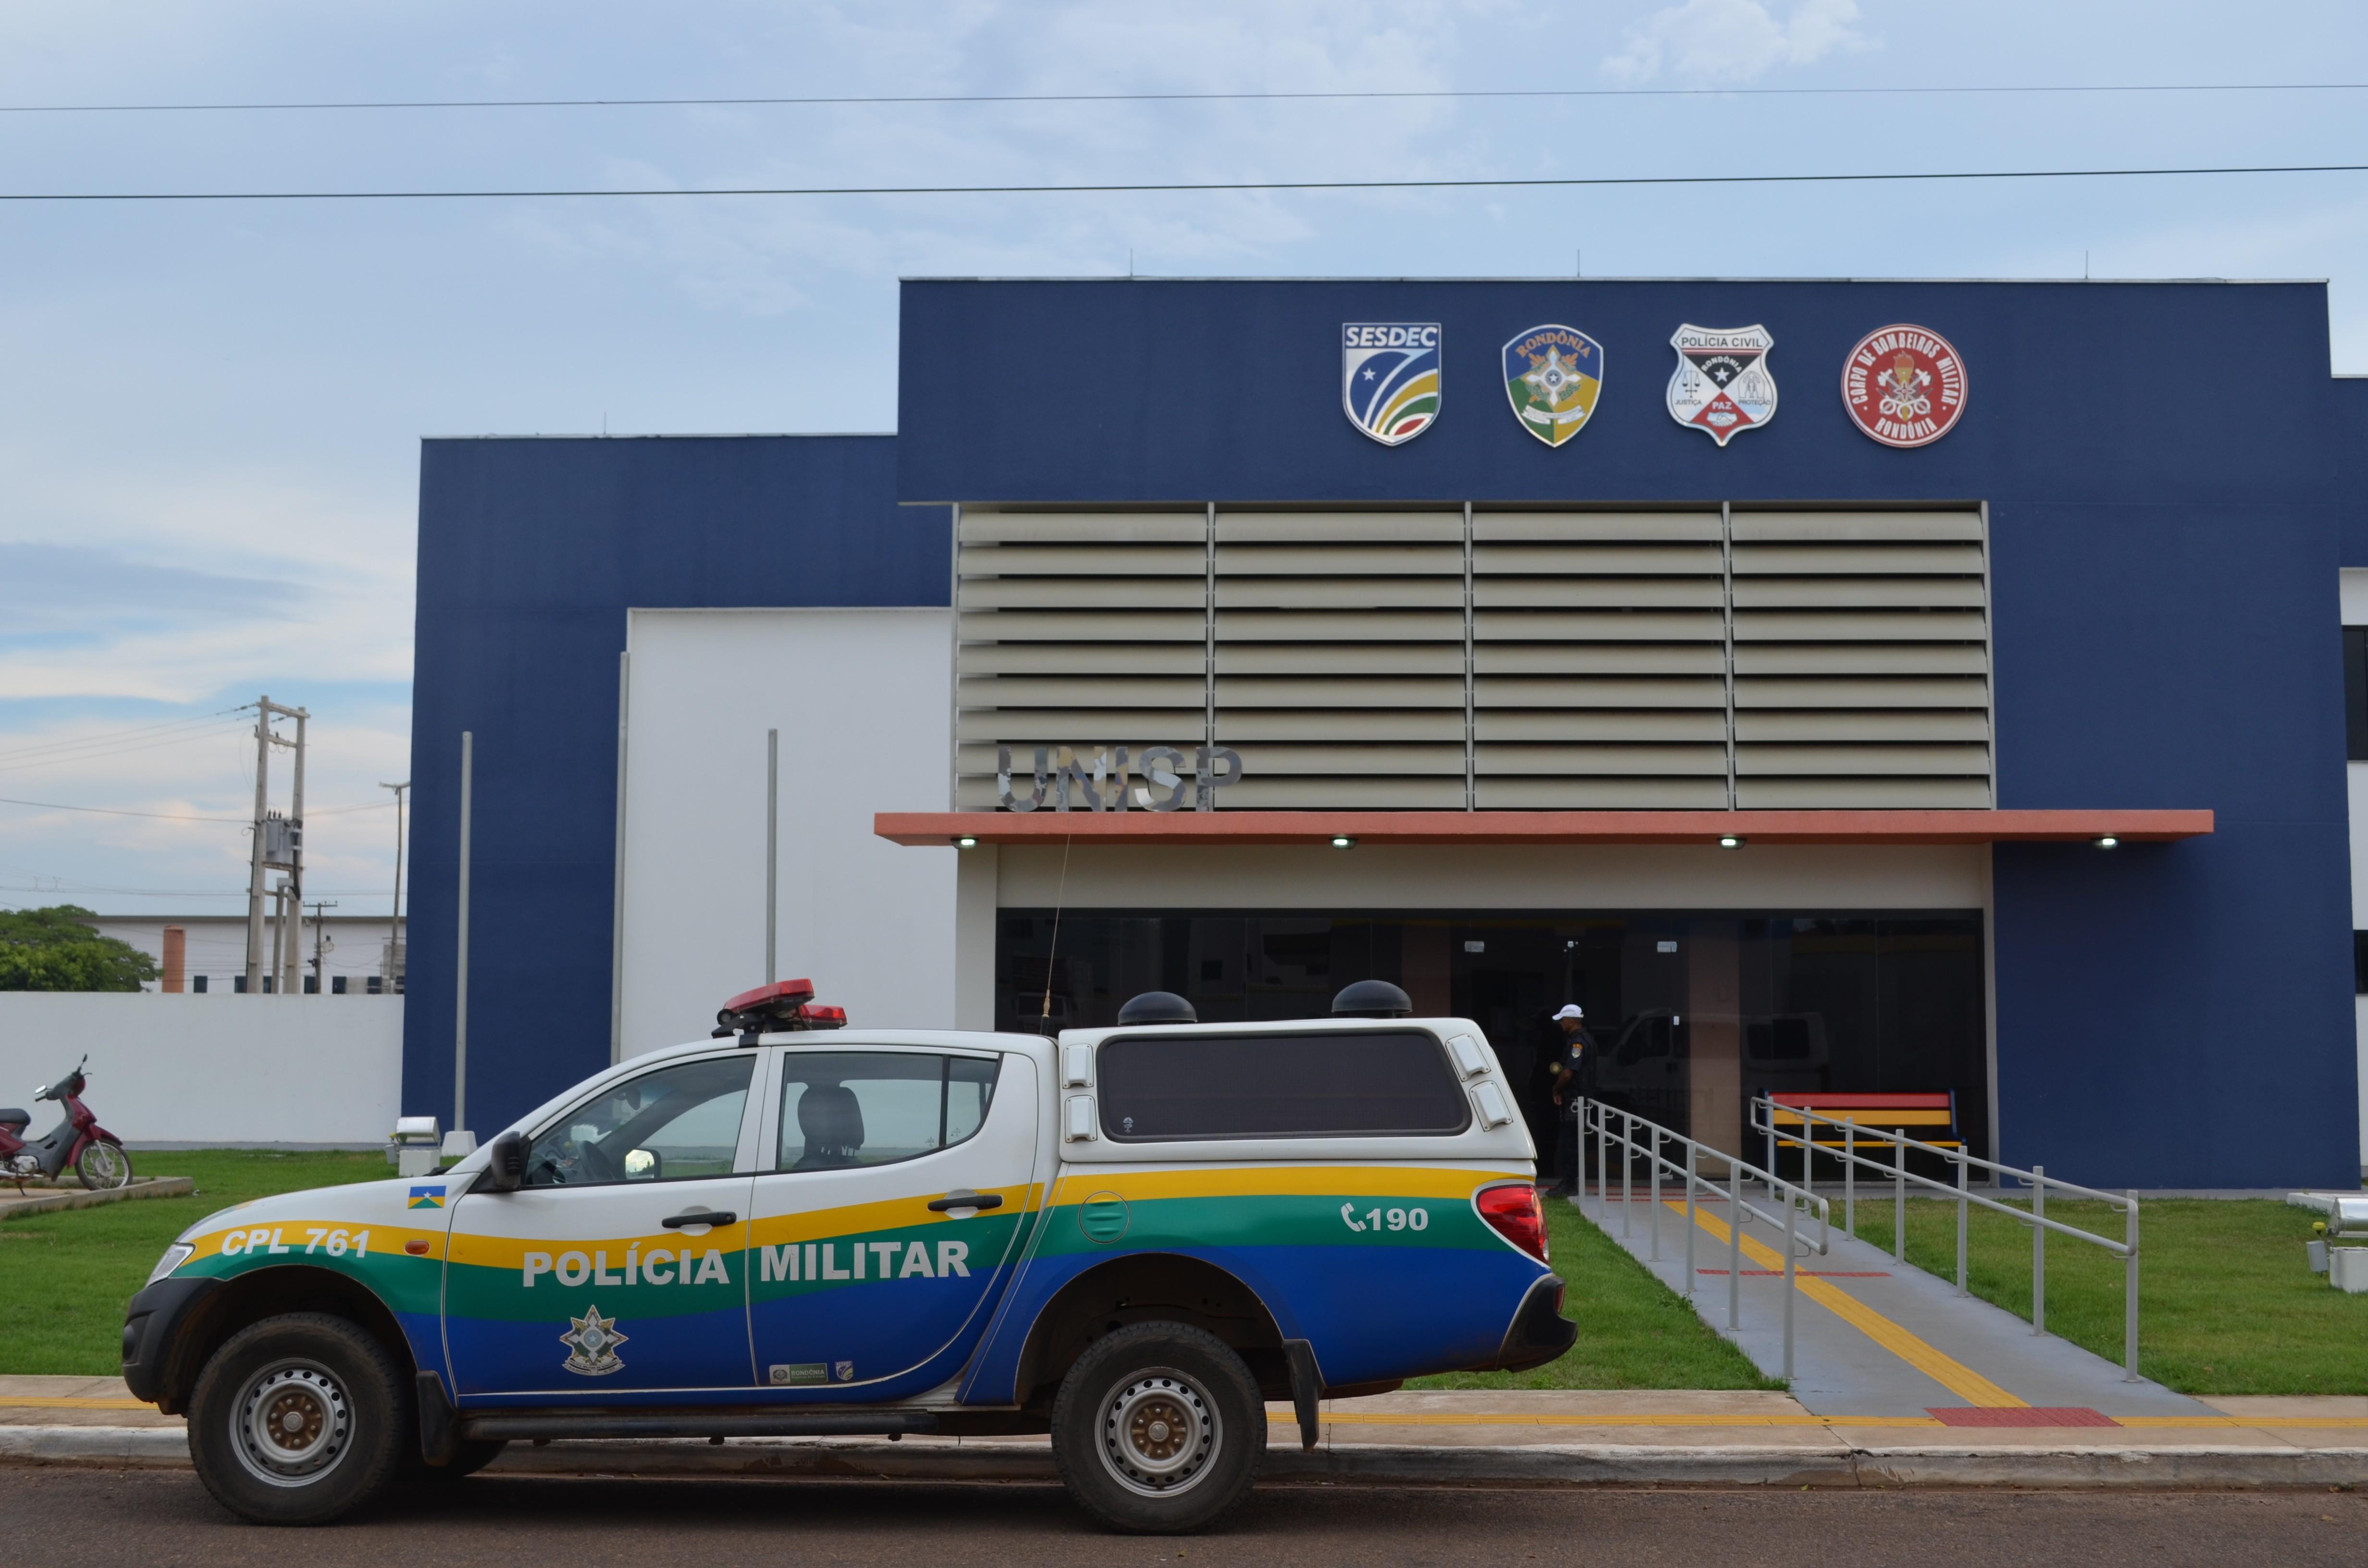 Cliente descobre que garota de programa é travesti e caso vai parar na delegacia em Vilhena, RO - Noticias